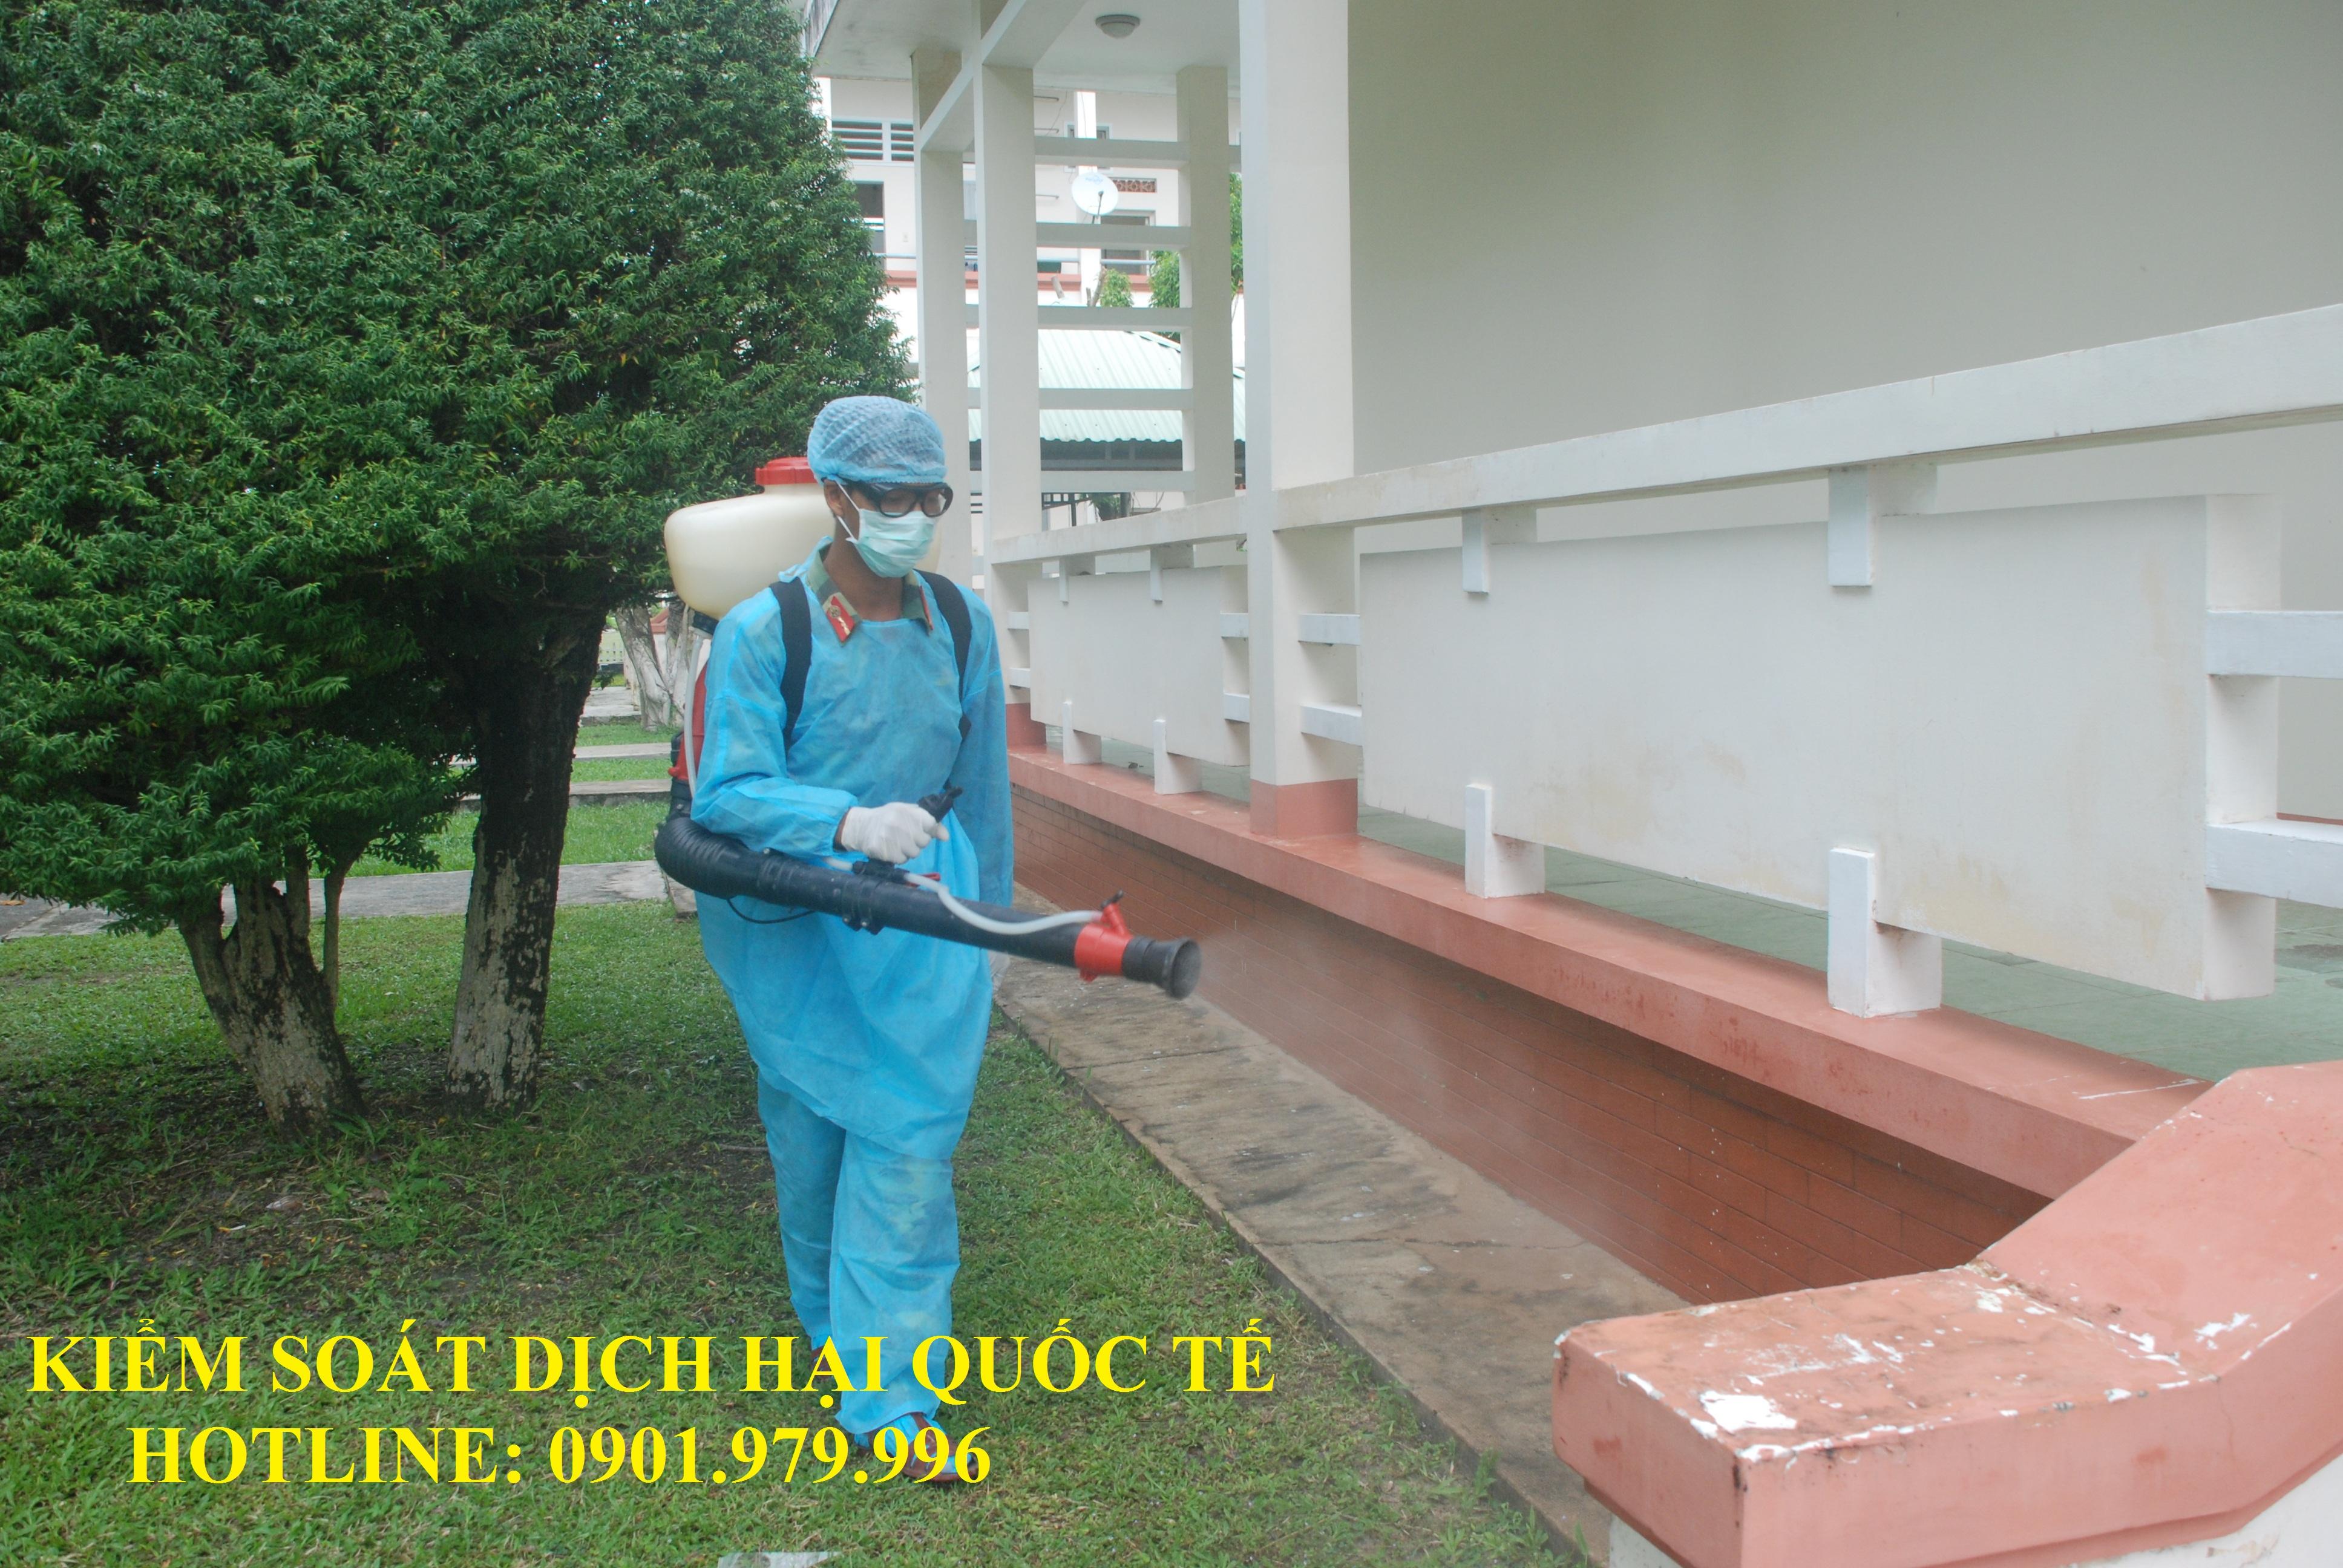 Dịch vụ phun muỗi, diệt côn trùng hiệu quả tại quận Ba Đình